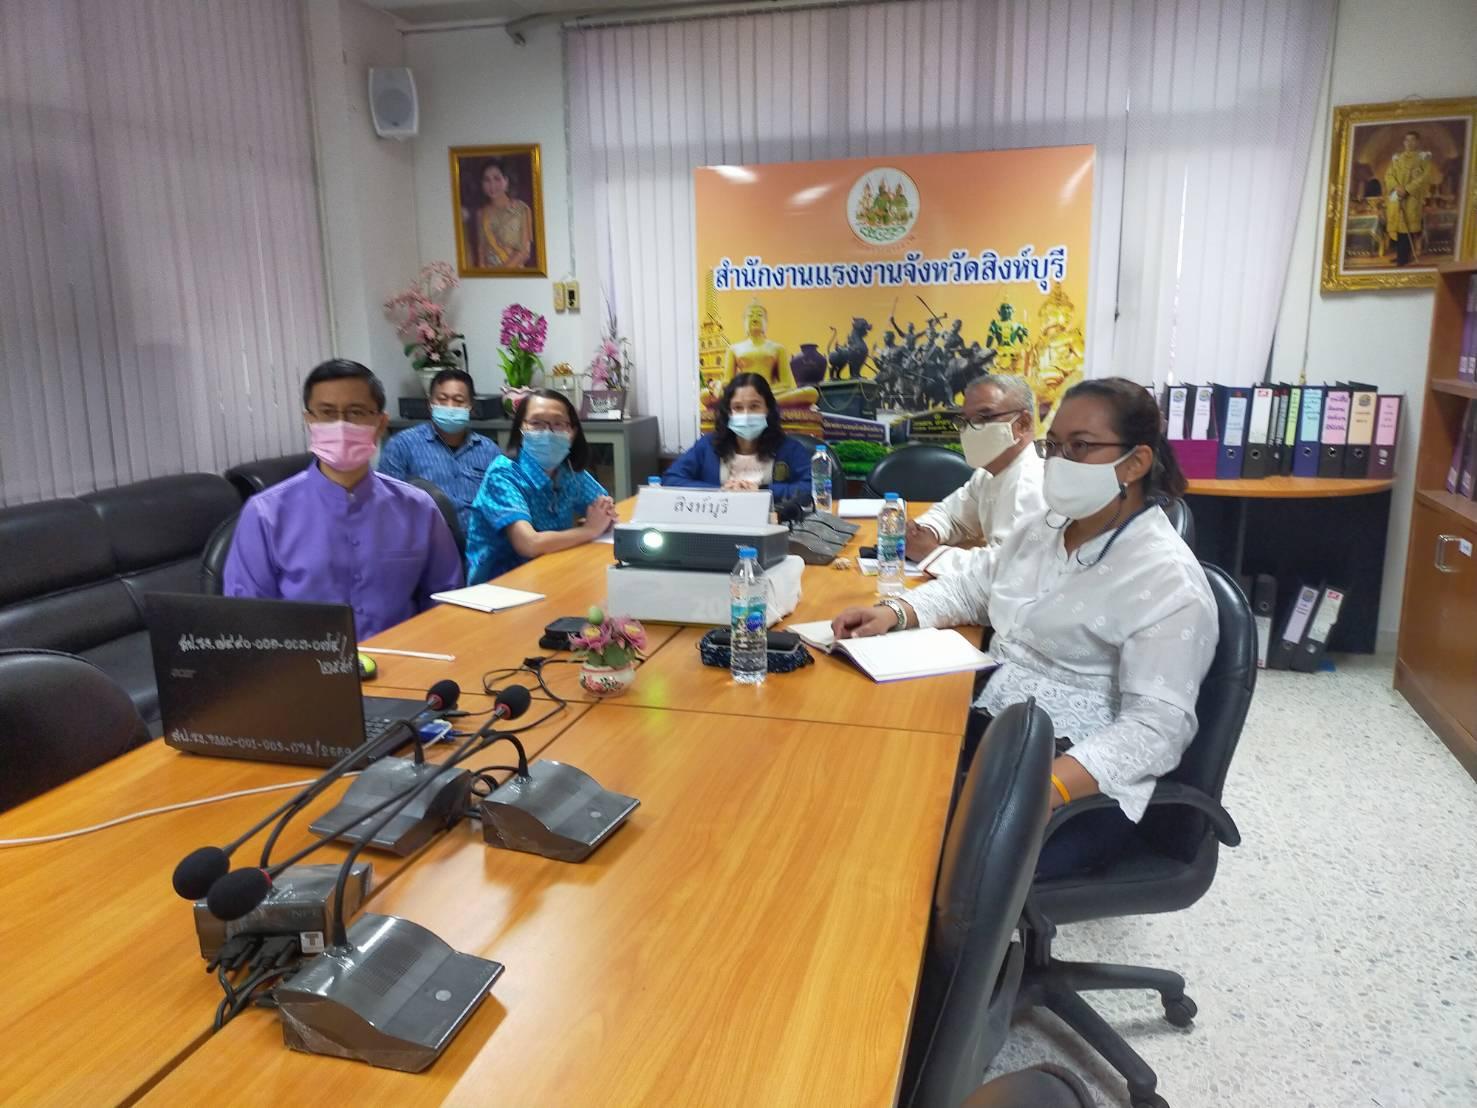 หัวหน้าส่วนราชการ สังกัดกระทรวงแรงงานจังหวัดสิงห์บุรี ได้ประชุมผ่านระบบ Video Conference การตรวจเยี่ยมมอบนโยบายและติดตามผลการดำเนินงานของกระทรวงแรงงาน ของรองนายกรัฐมนตรี พลเอกประวิตร วงษ์สุวรรณ